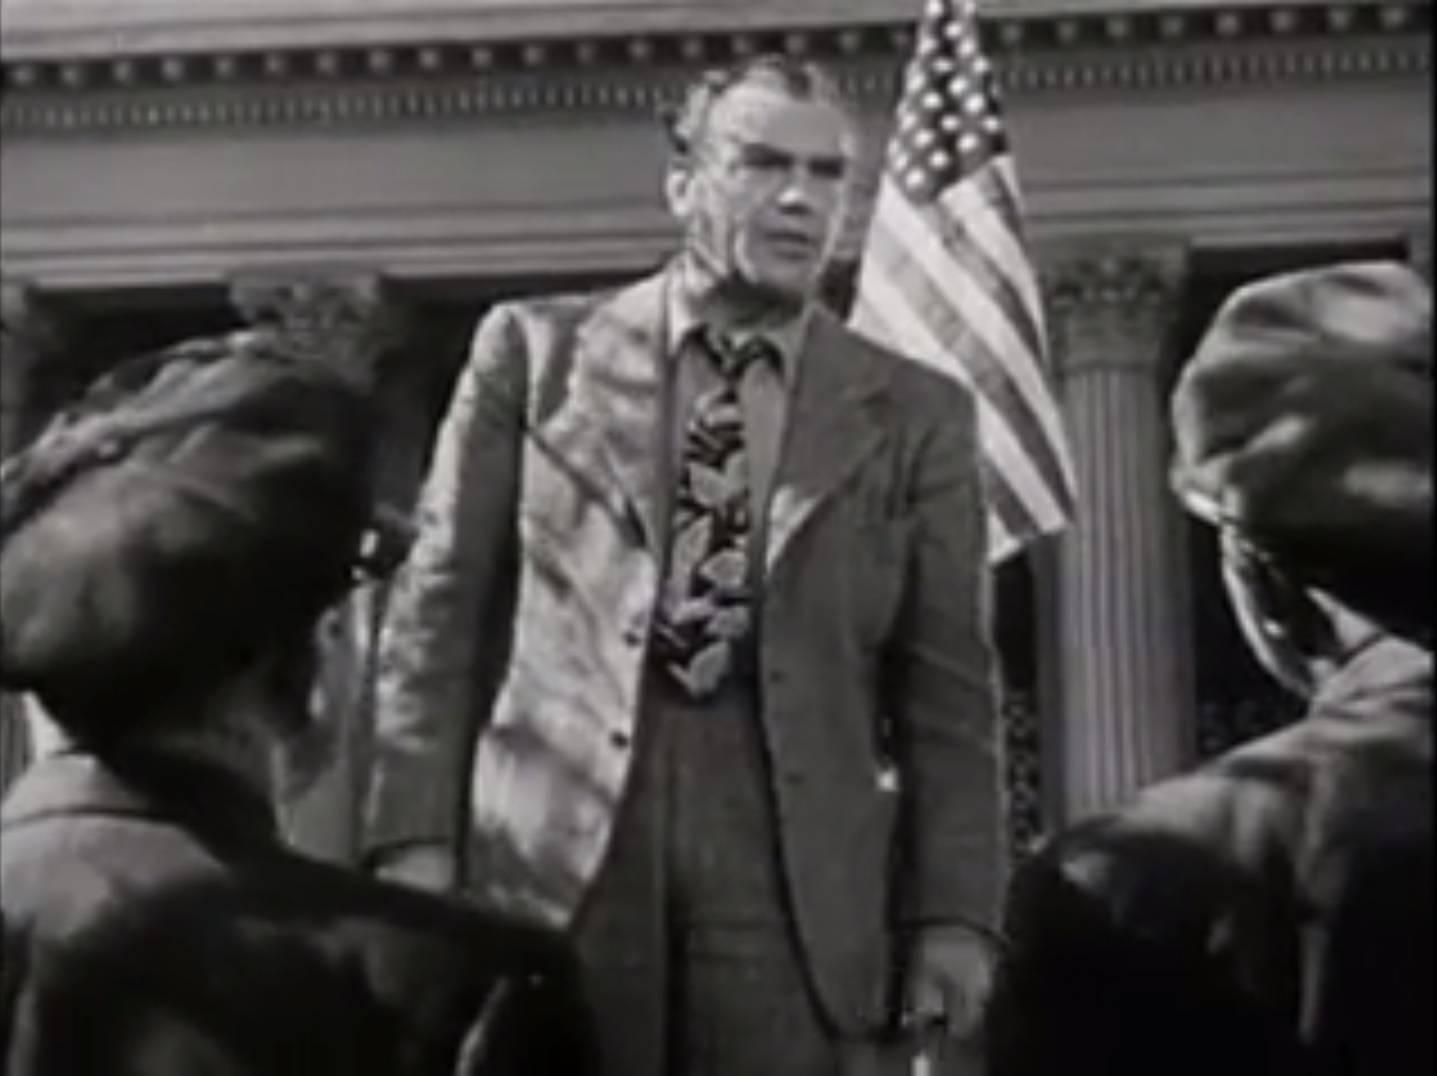 Poruka iz filma iz 1947. koju bi mnogi trebali i danas poslušati